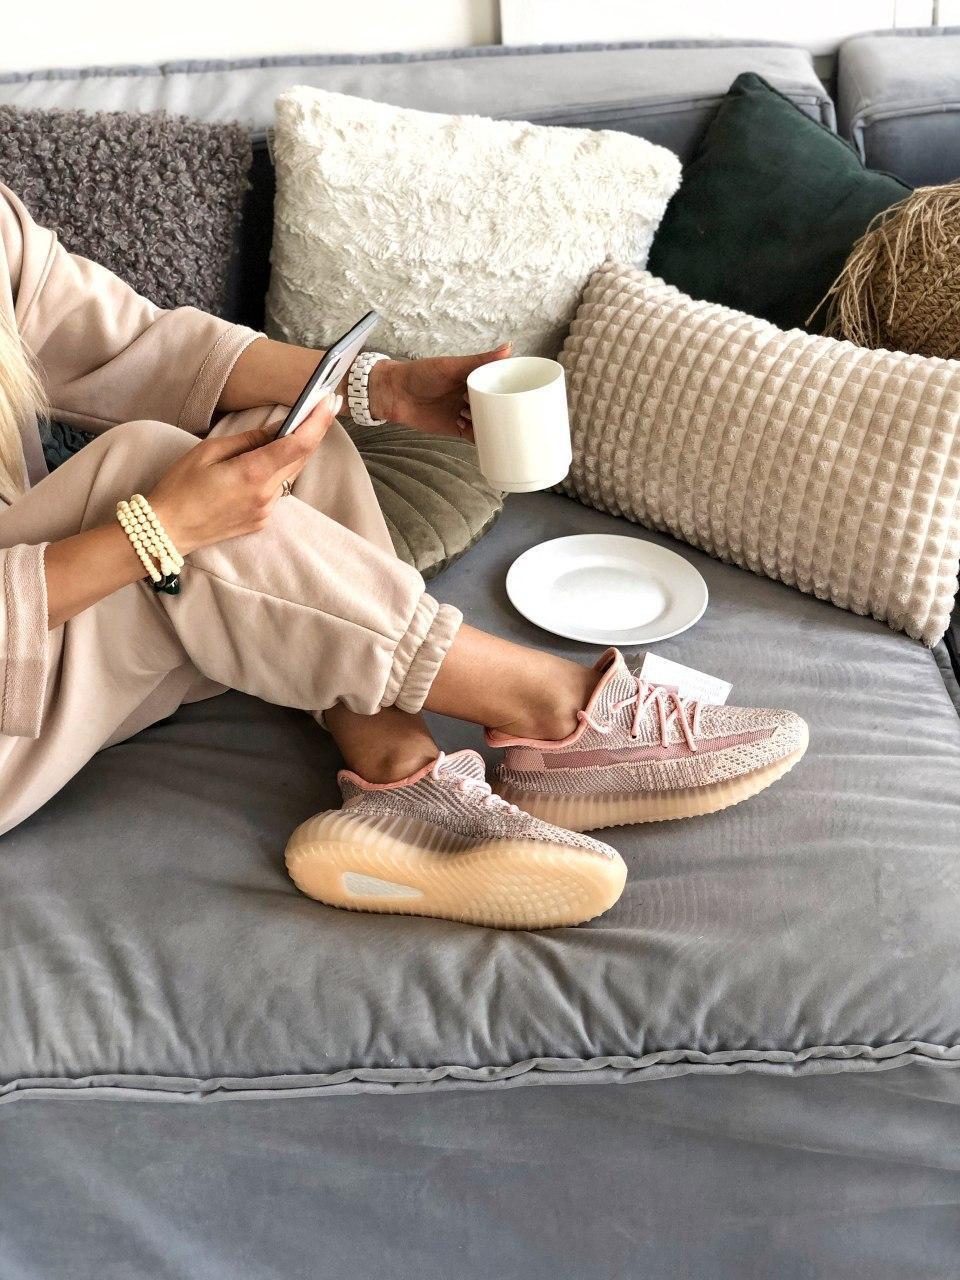 Женские кроссовки Adidas Yeezy Boost 350 в стиле адидас изи буст РОЗОВЫЕ РЕФЛЕКТИВ (Реплика ААА+)